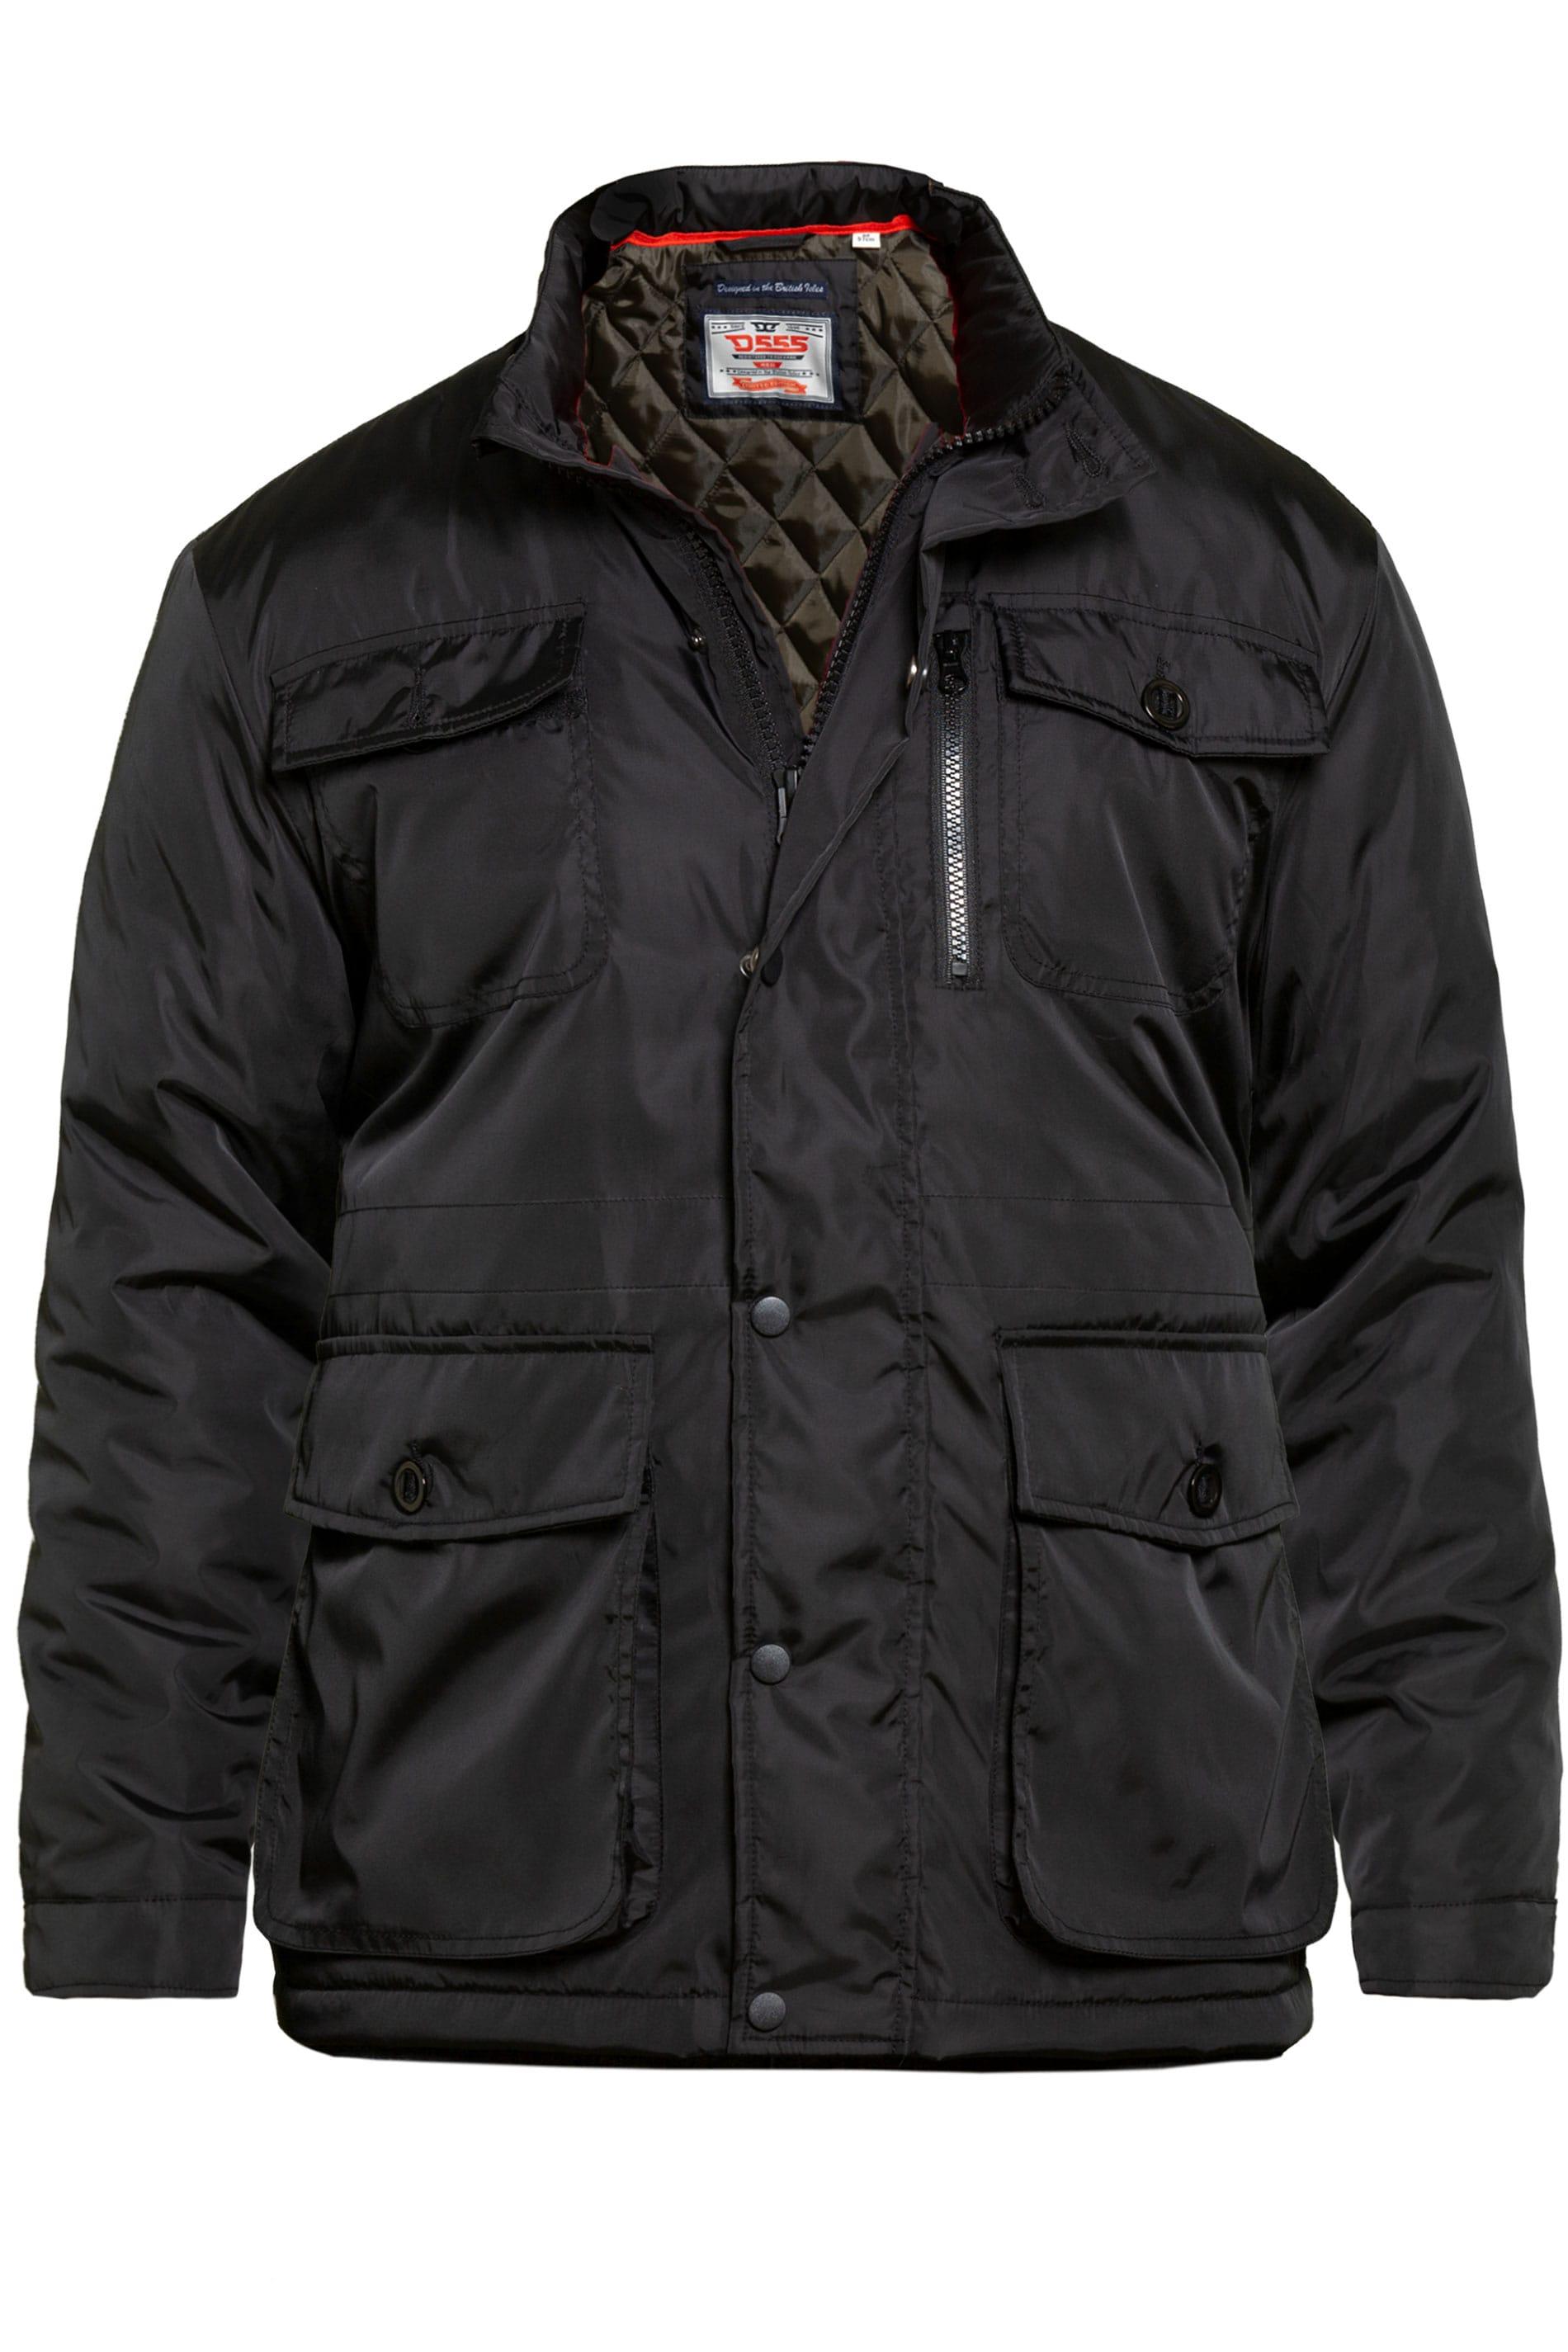 D555 Black Five Pocket Coat